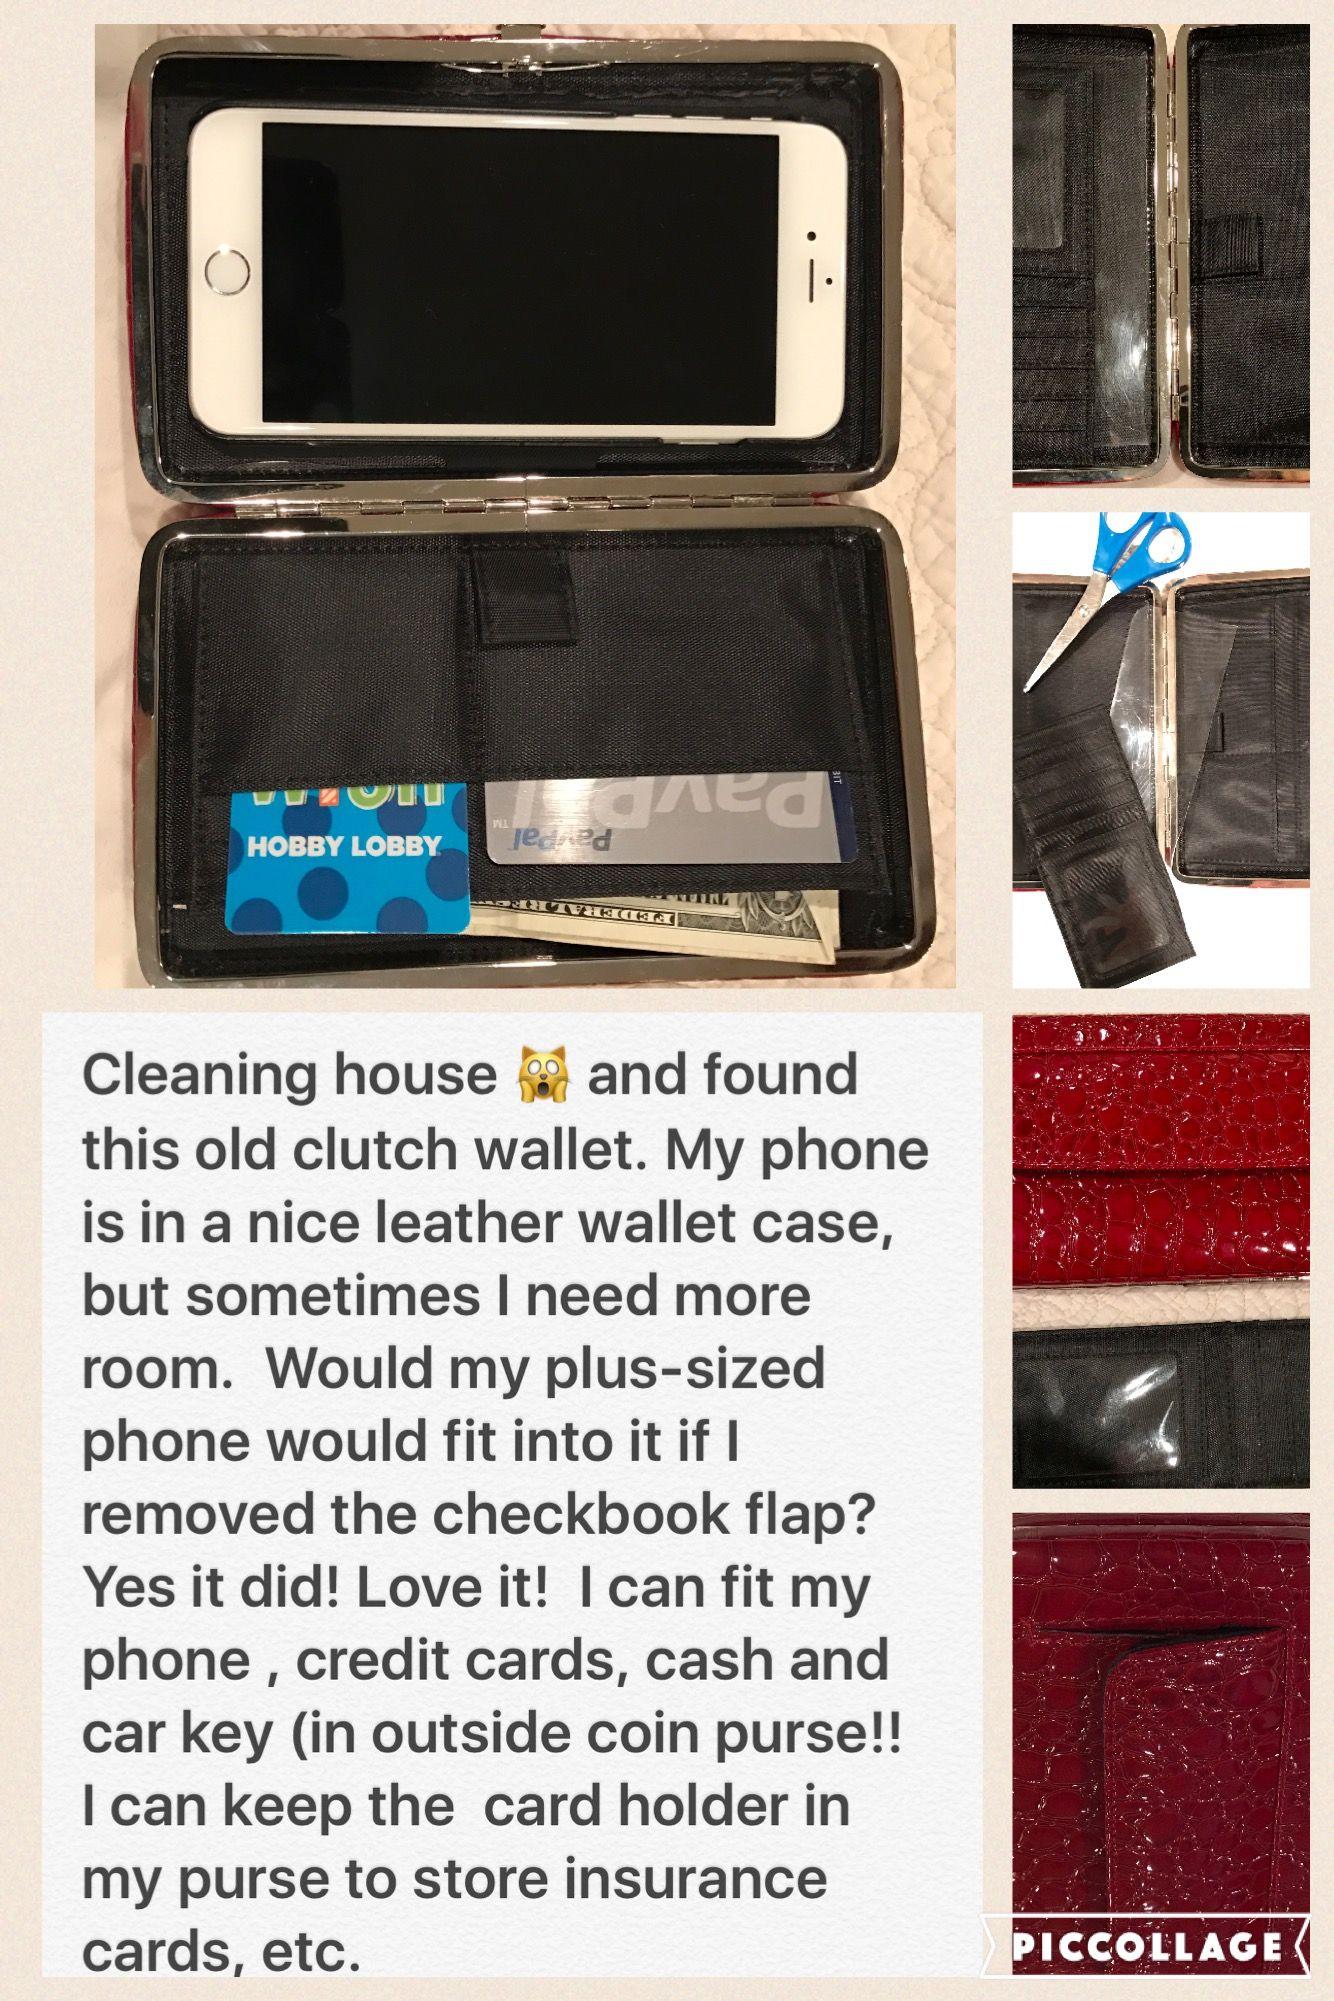 Diy Phone Case Wallet Easy Repurpose Recycle Old Framed Clutch Diy Phone Diy Phone Case Wallet Phone Case